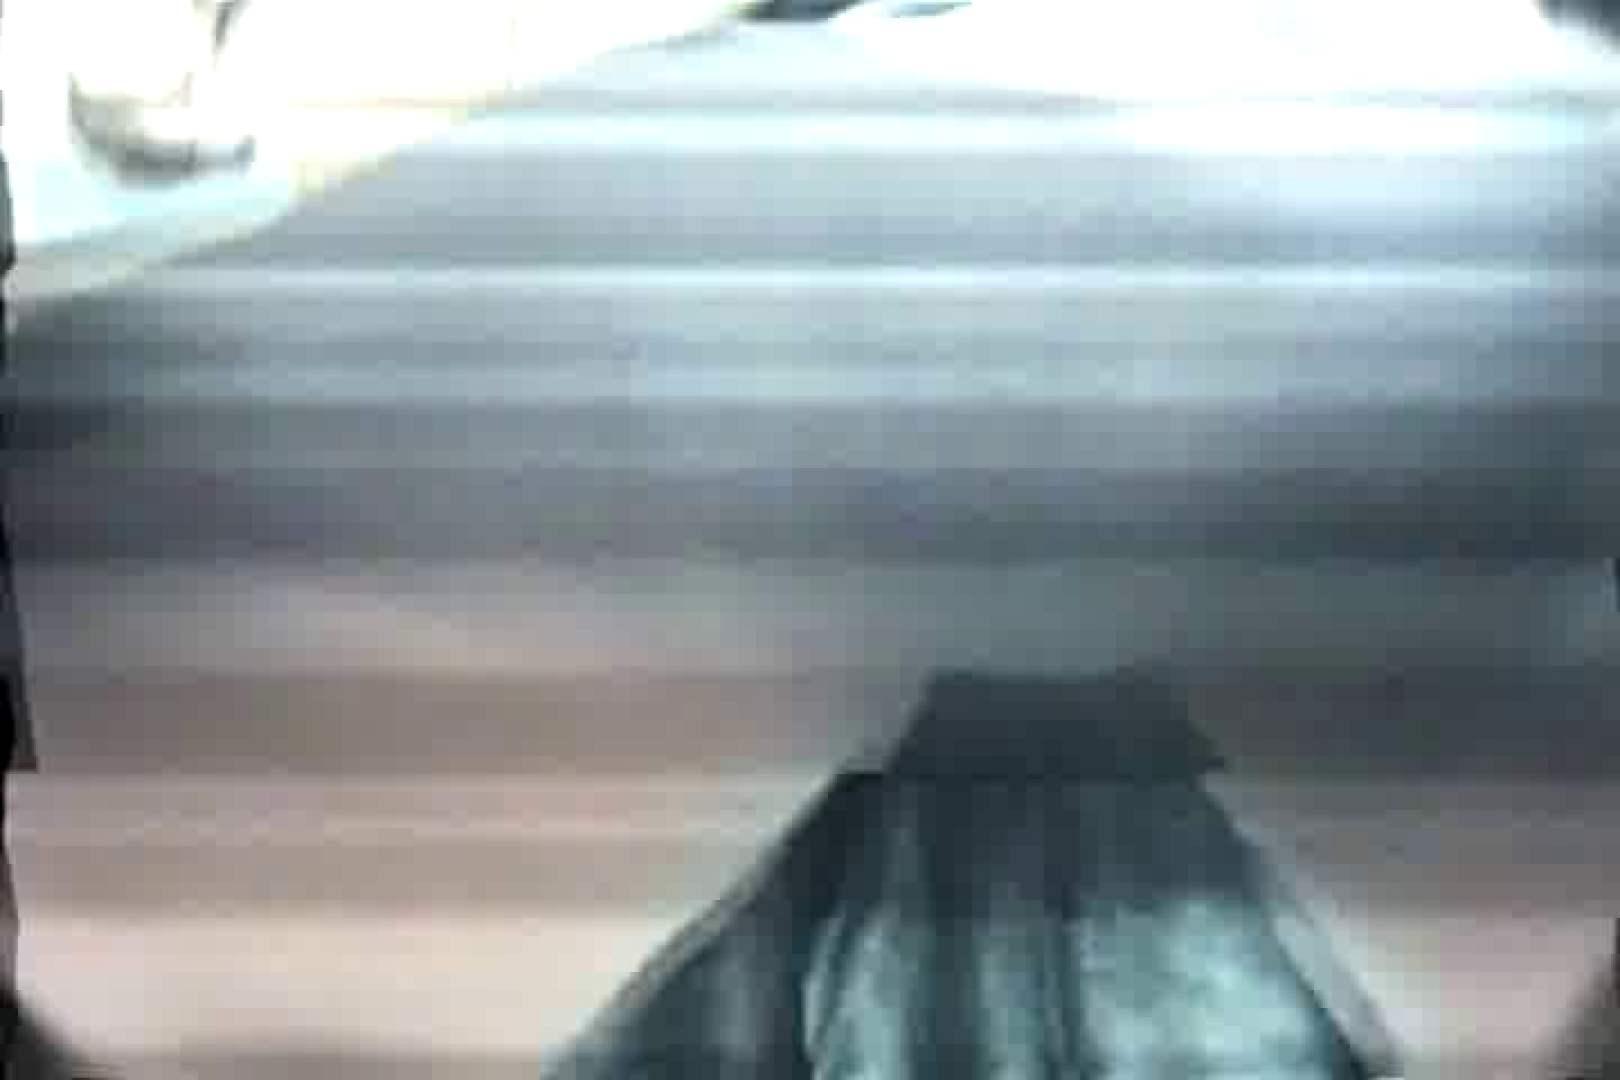 カメラぶっこみ!パンチラ奪取!!Vol.8 新入生パンチラ | 美しいOLの裸体  93pic 49